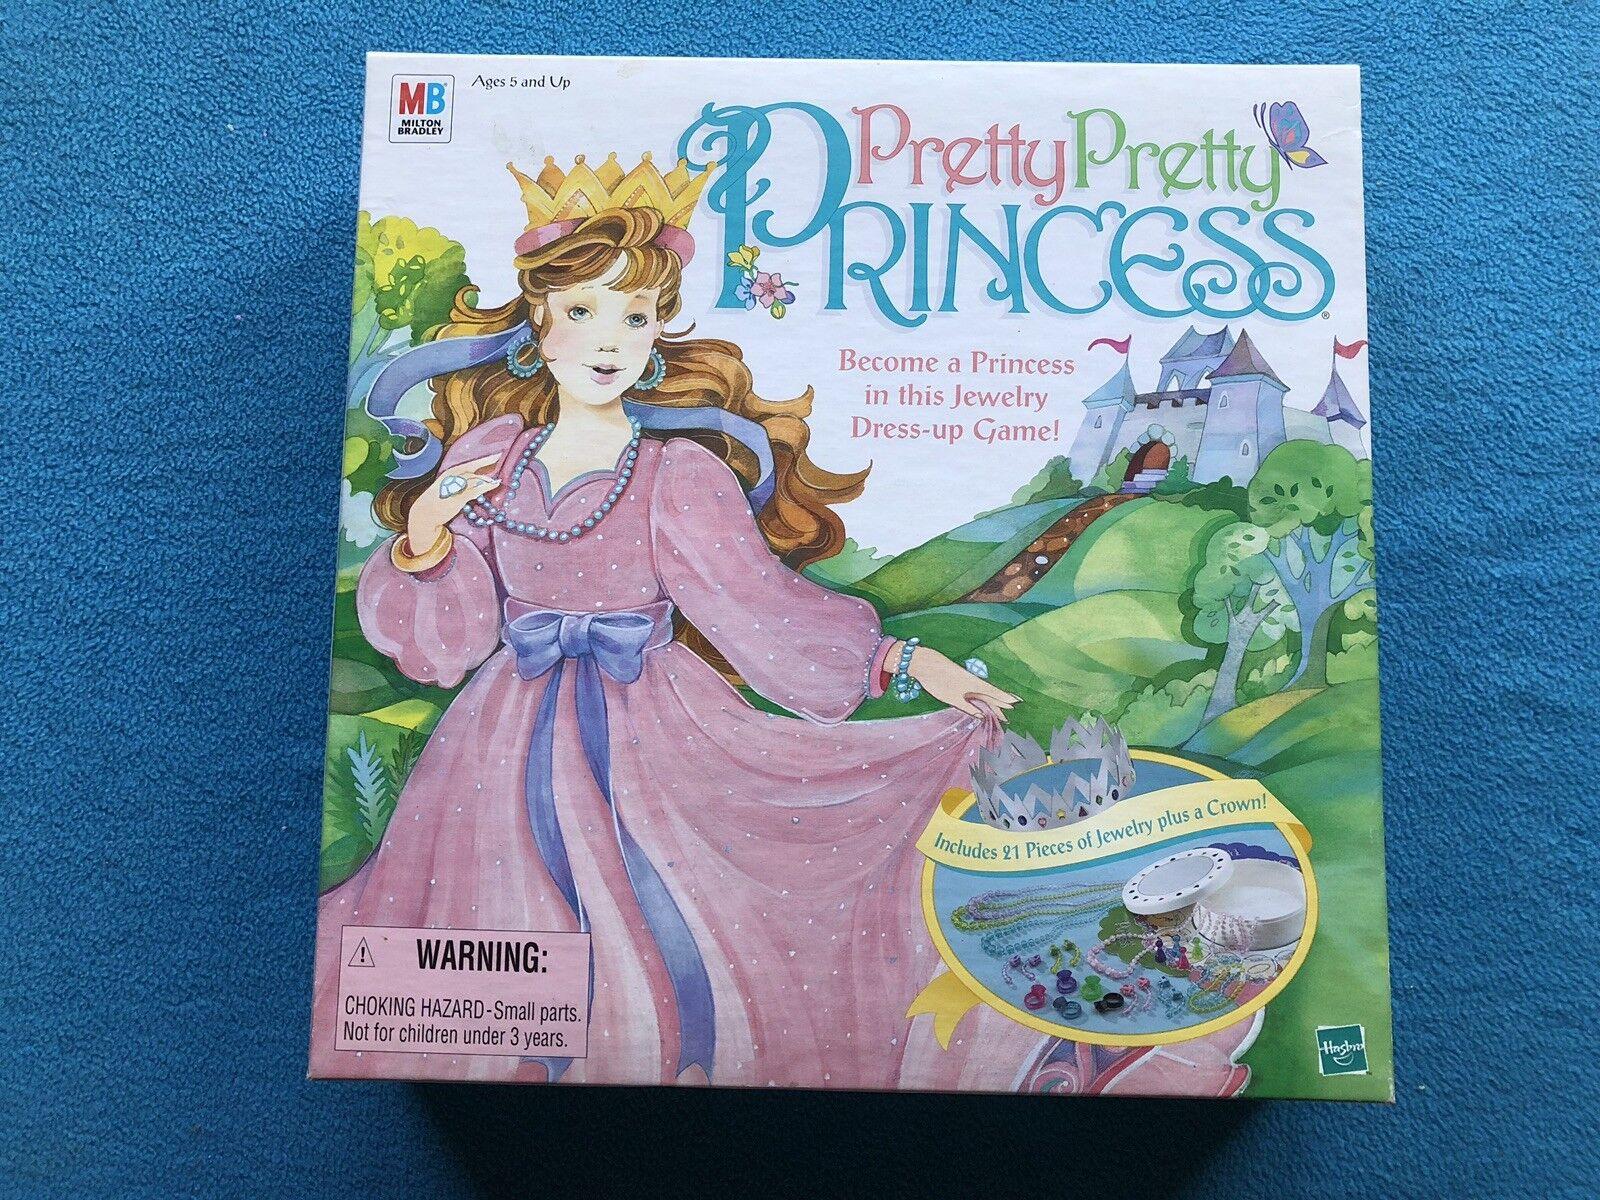 1999 MB Hasbro Pretty Pretty Princess Dress Up Board Game - 100% Complete